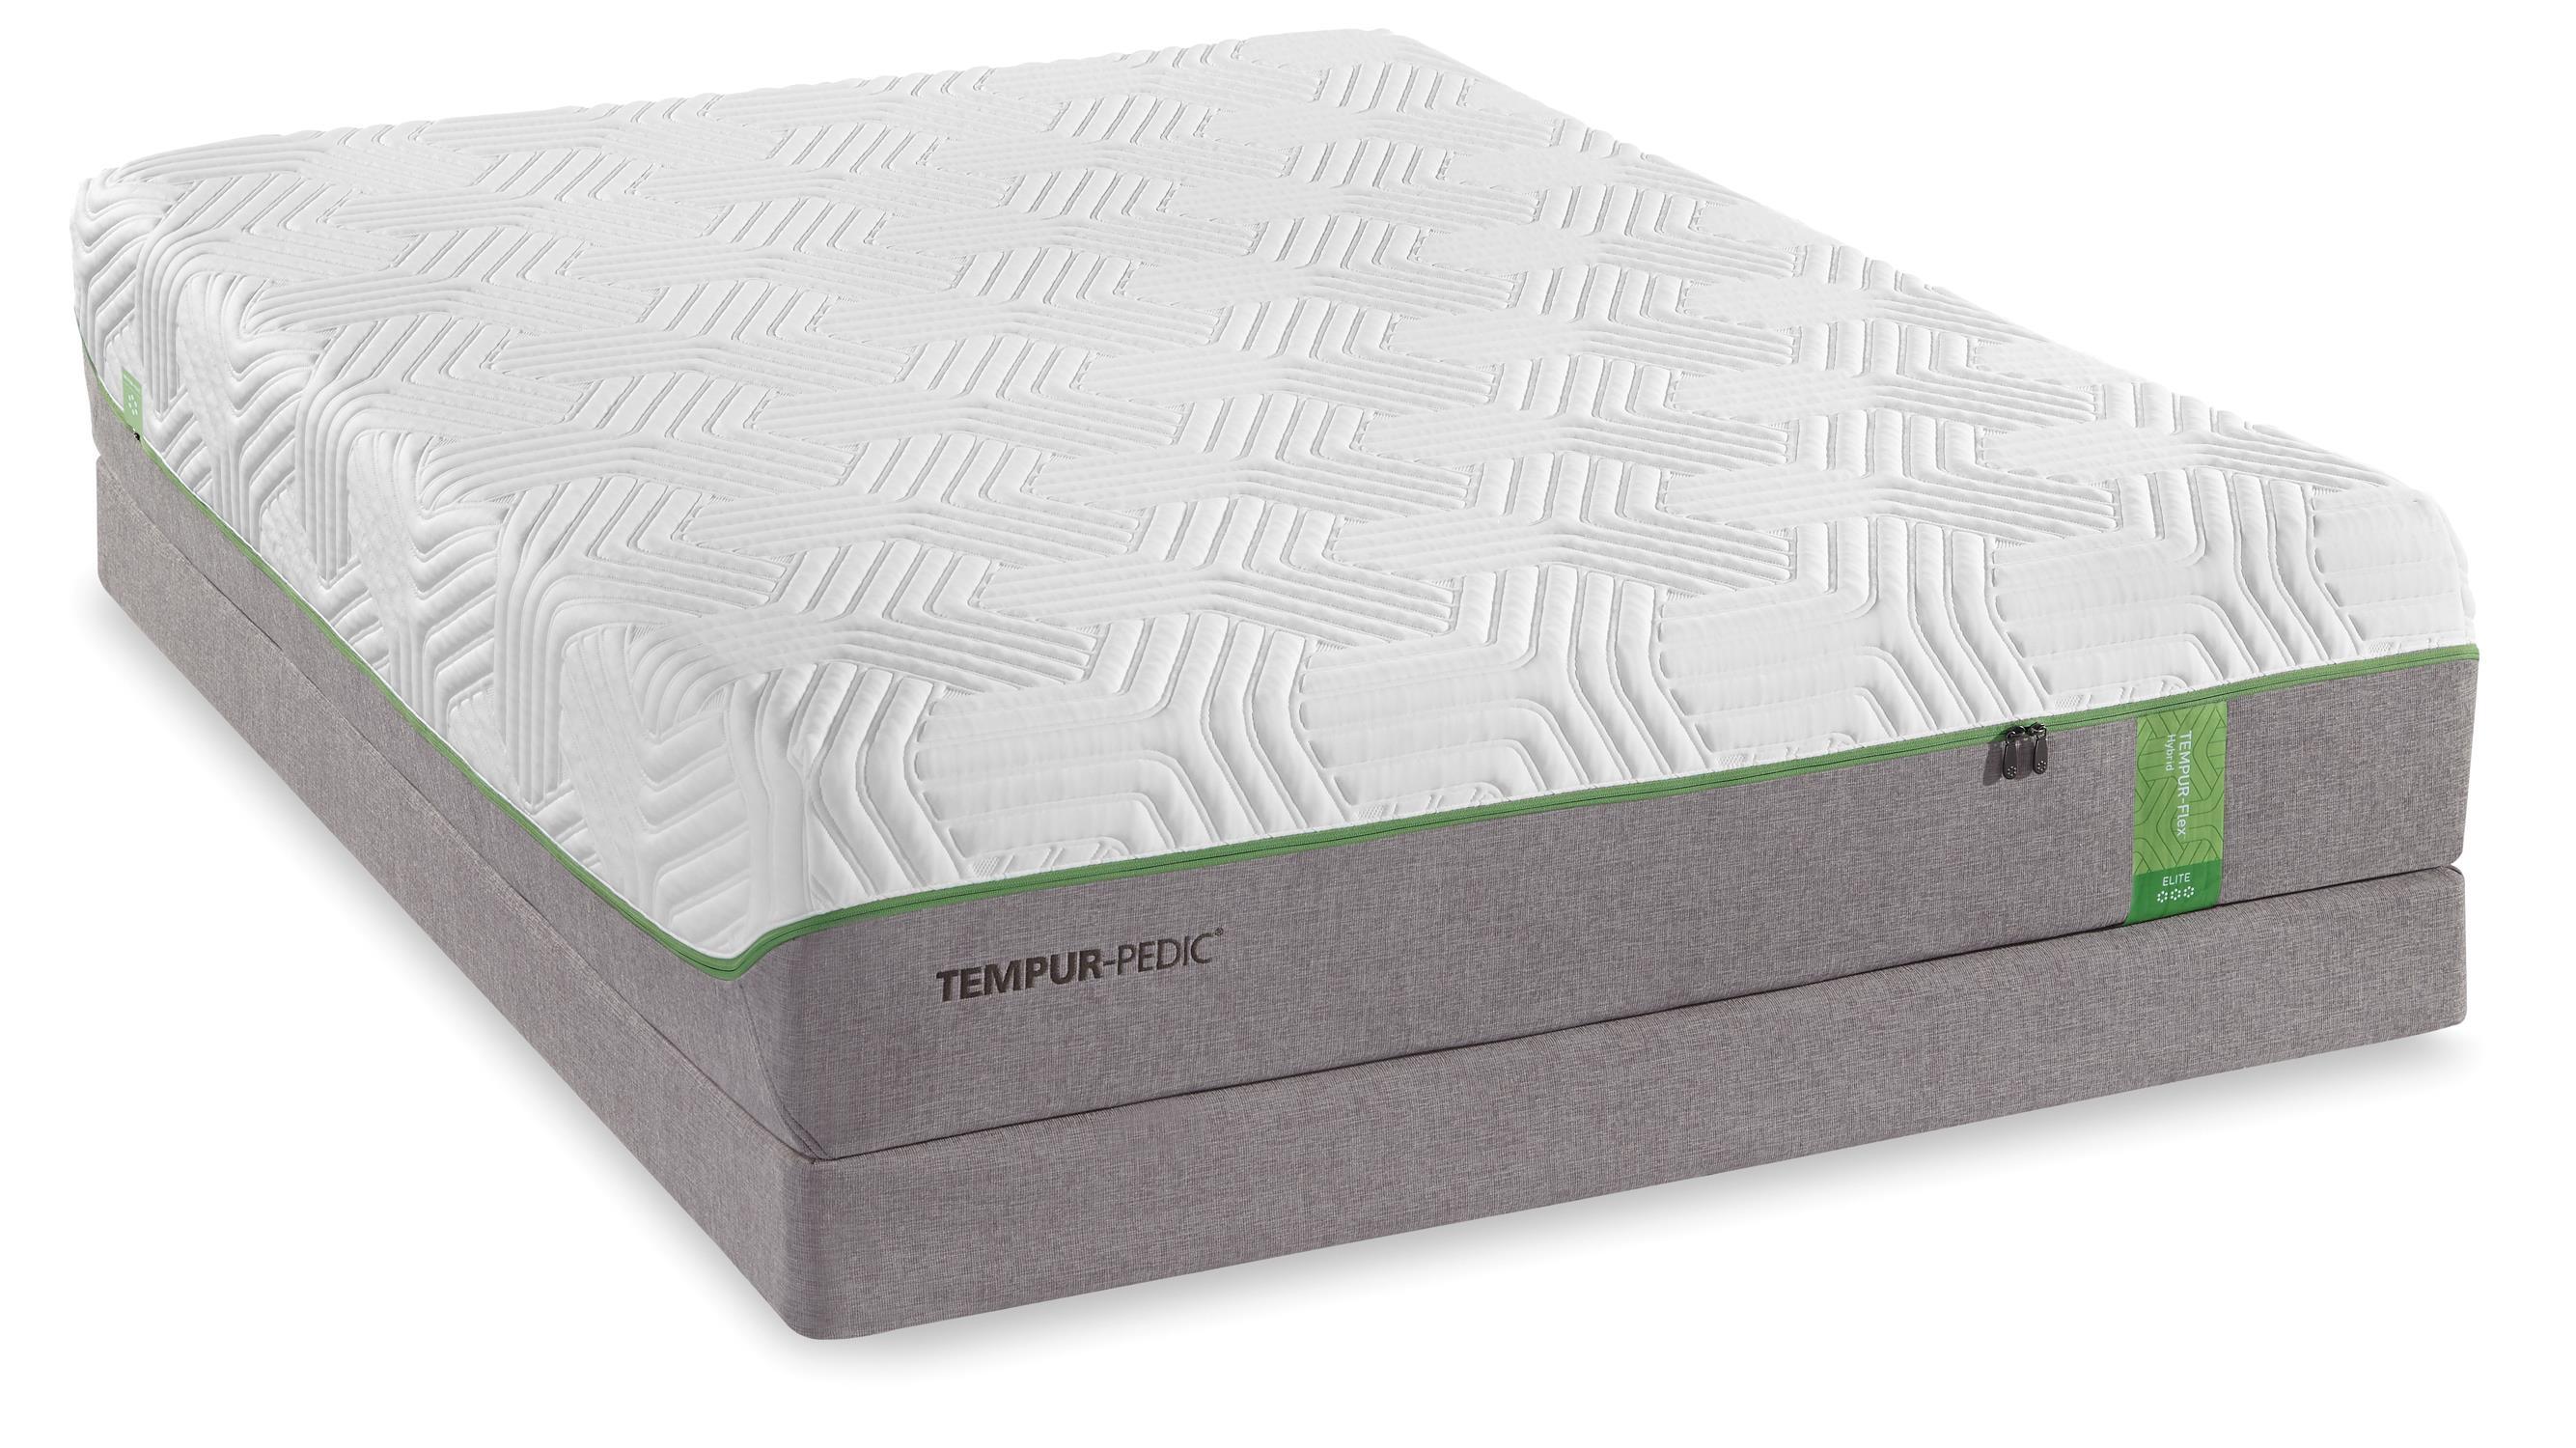 Tempur-Pedic® TEMPUR-Flex Elite Full Medium Soft Plush Mattress Set - Item Number: 10117130+20510130